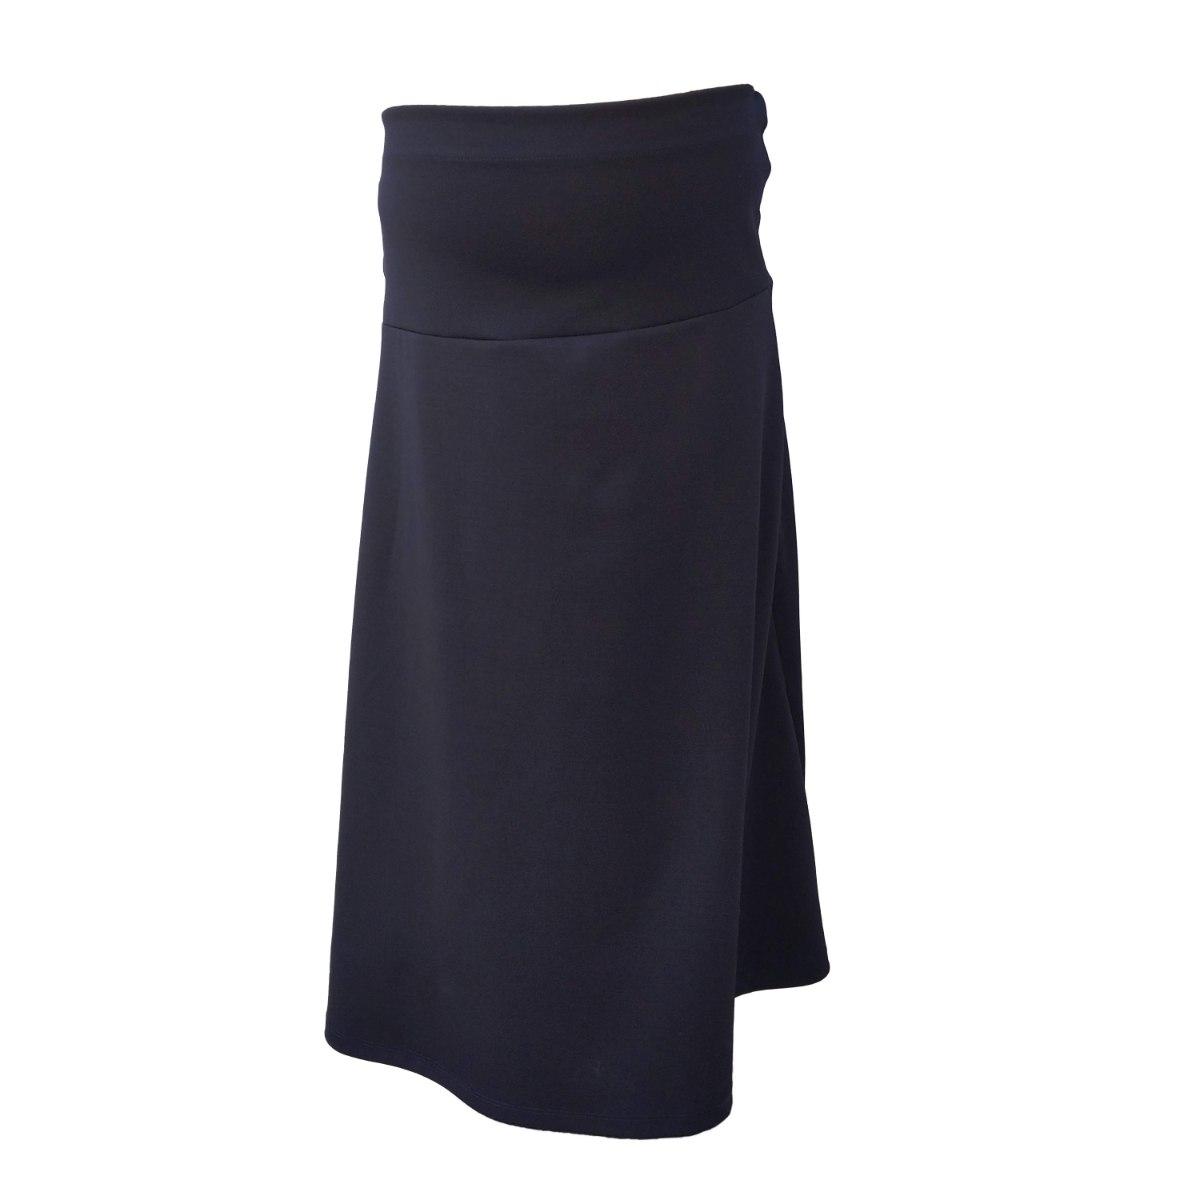 חצאית קלוש של חברת Karinoy